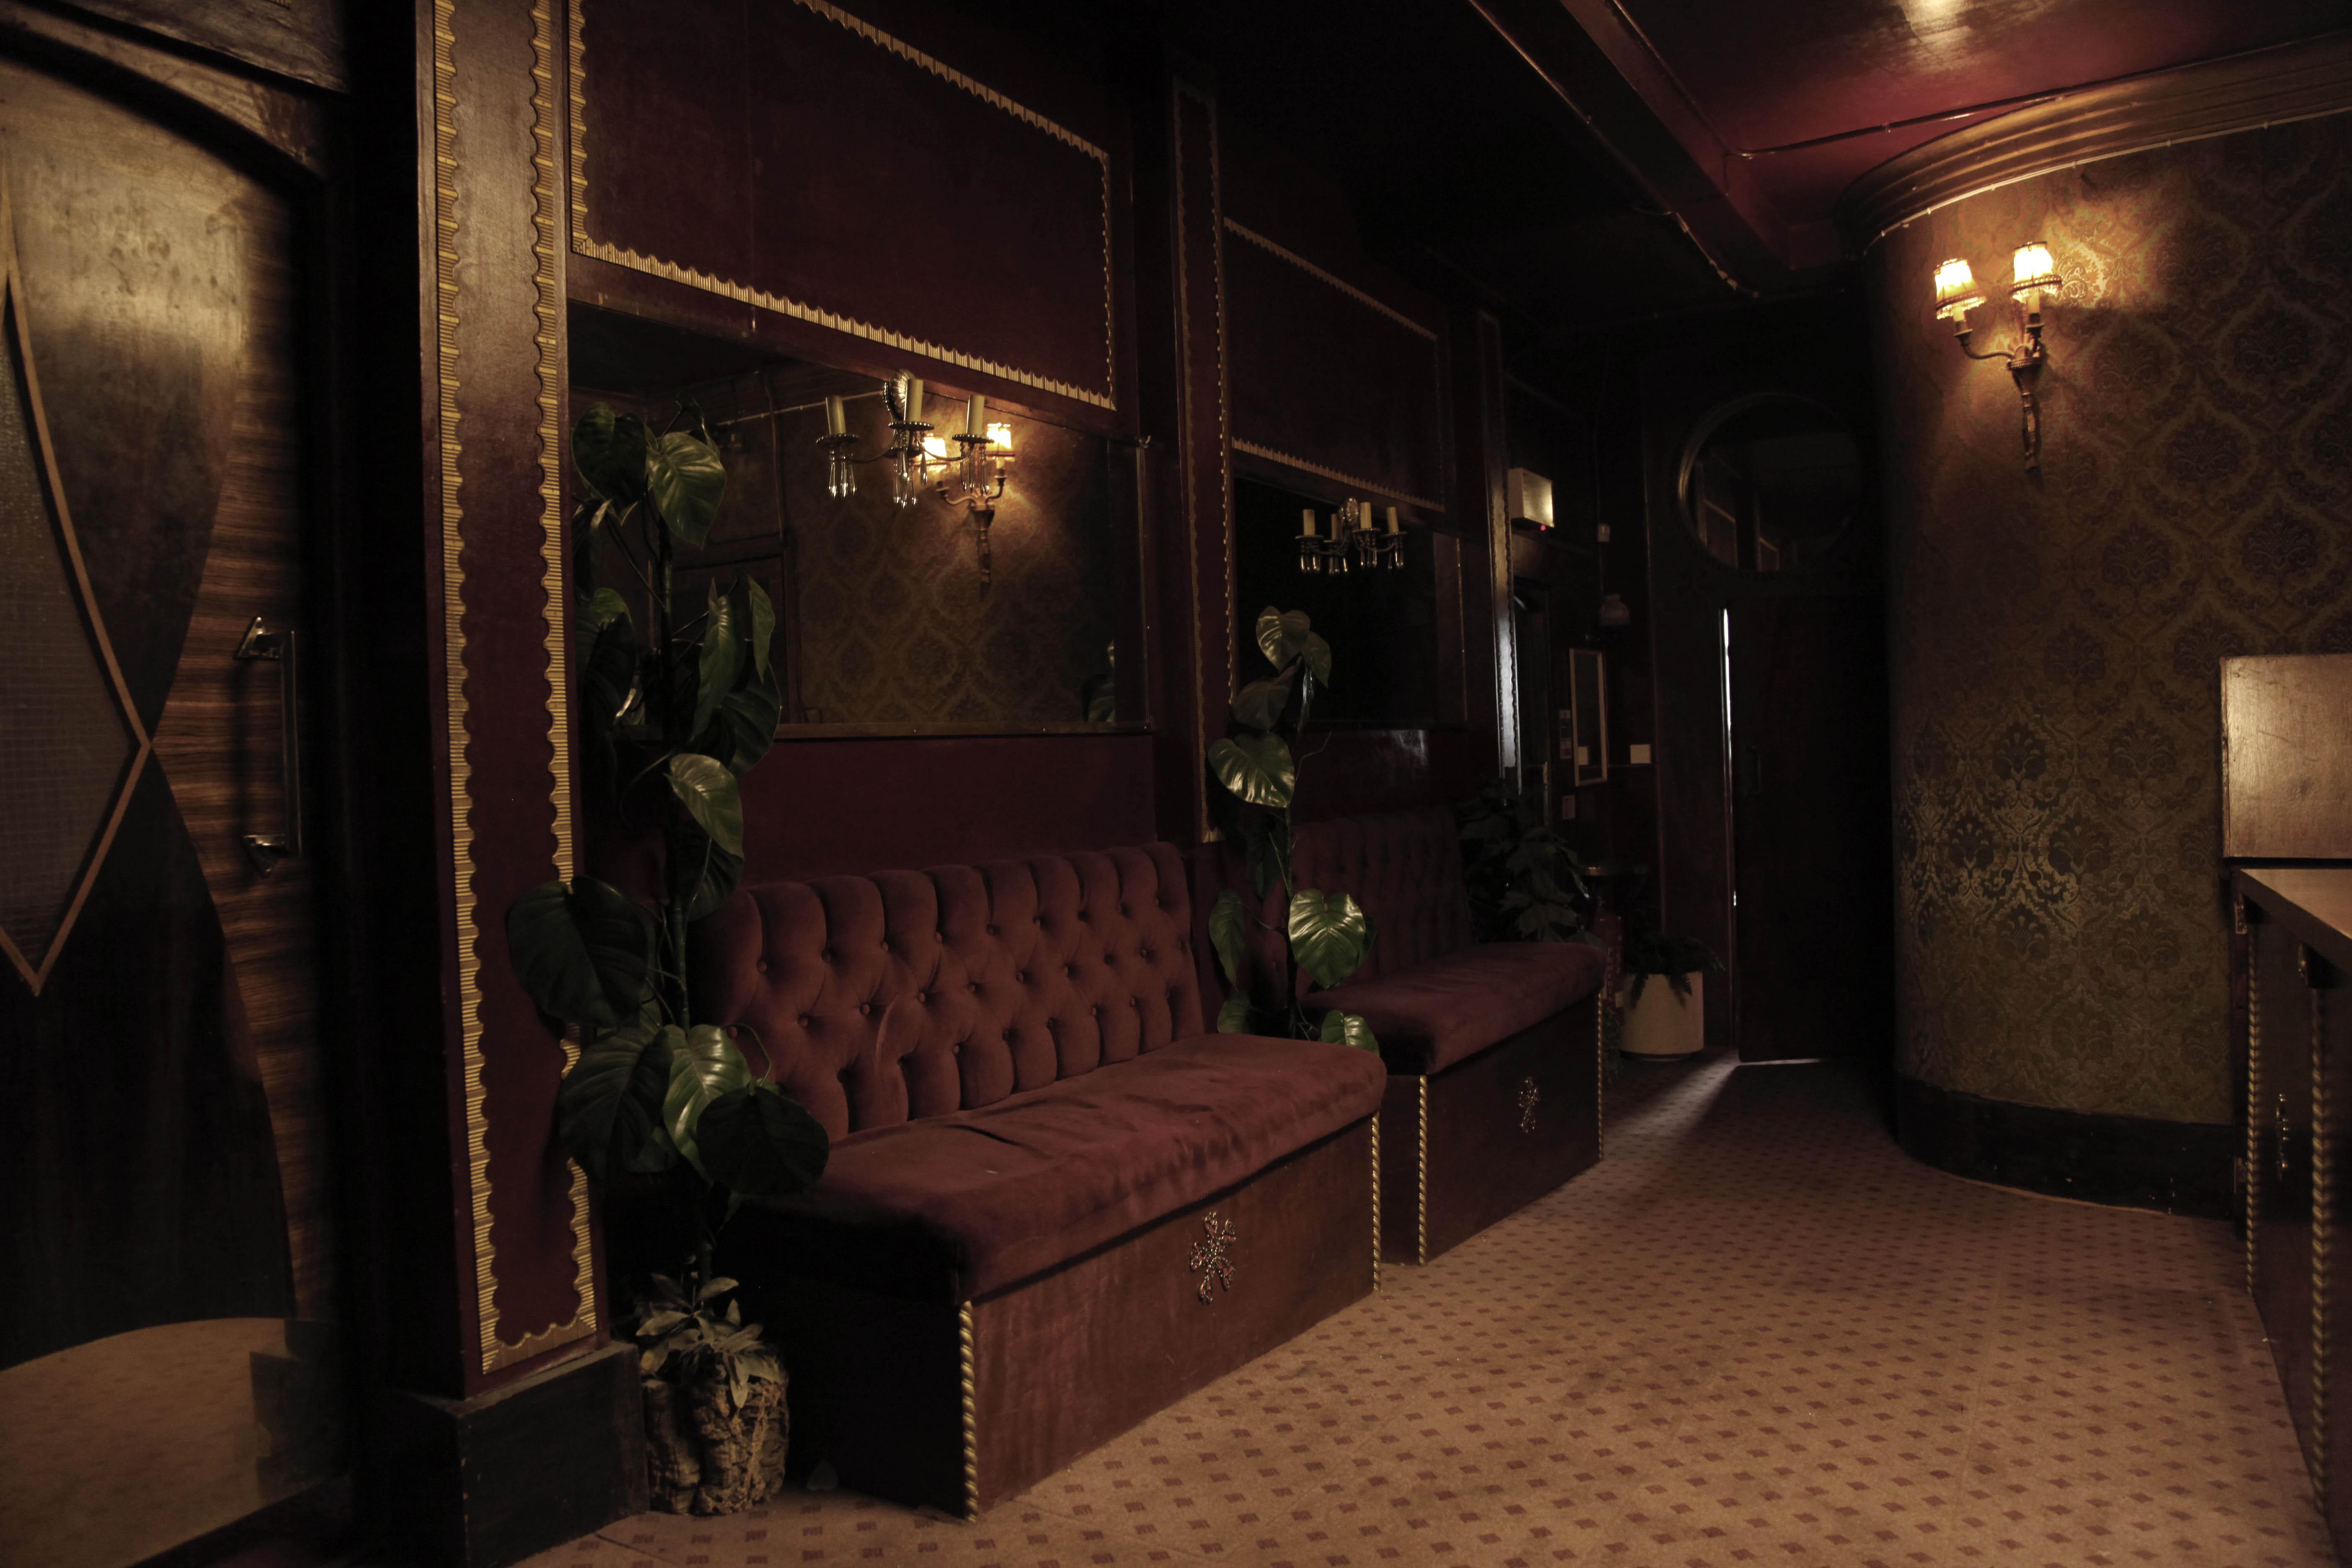 Gentlemens cloakroom